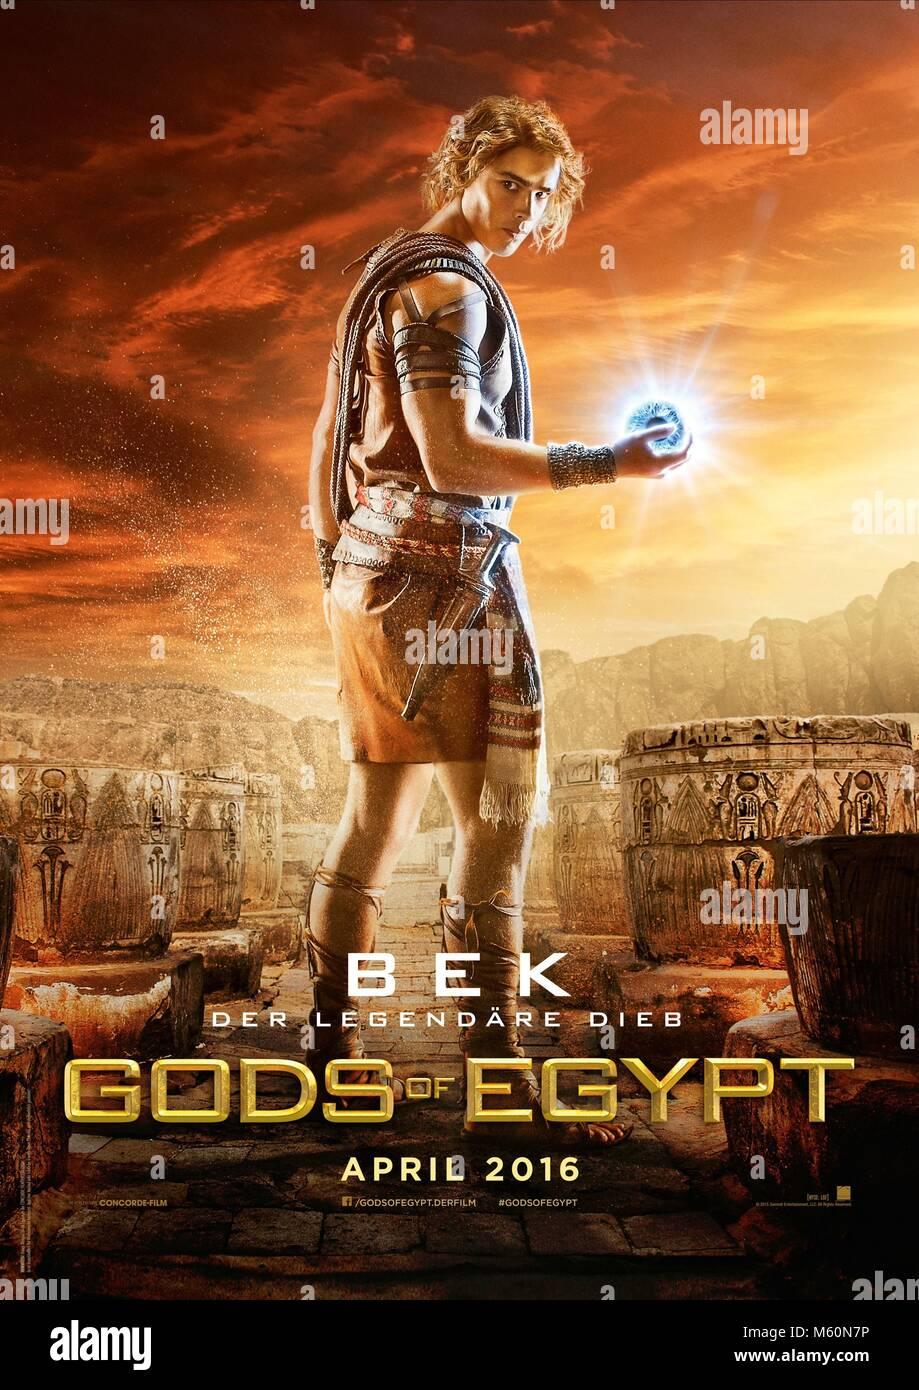 BRENTON THWAITES POSTER GODS OF EGYPT (2016) - Stock Image